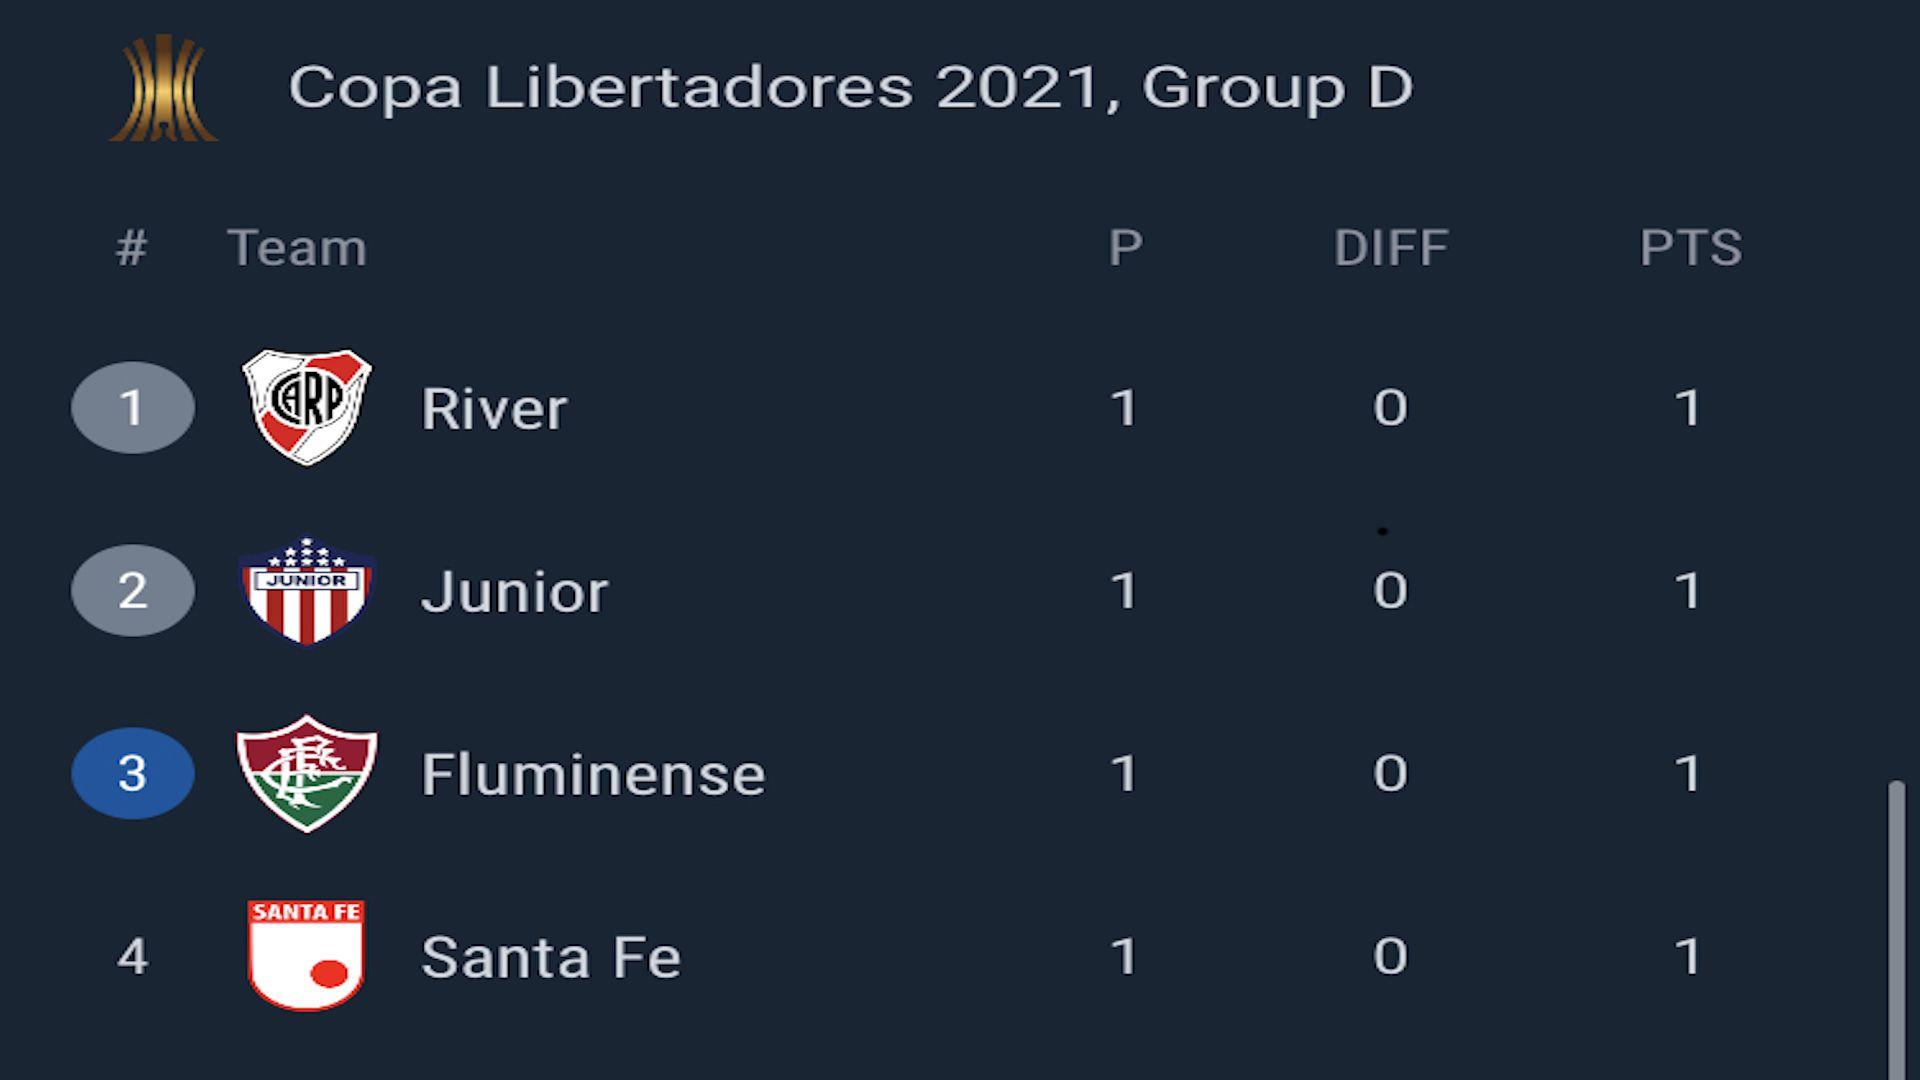 Tabla de posiciones - Grupo D, Copa Conmebol Libertadores 2021